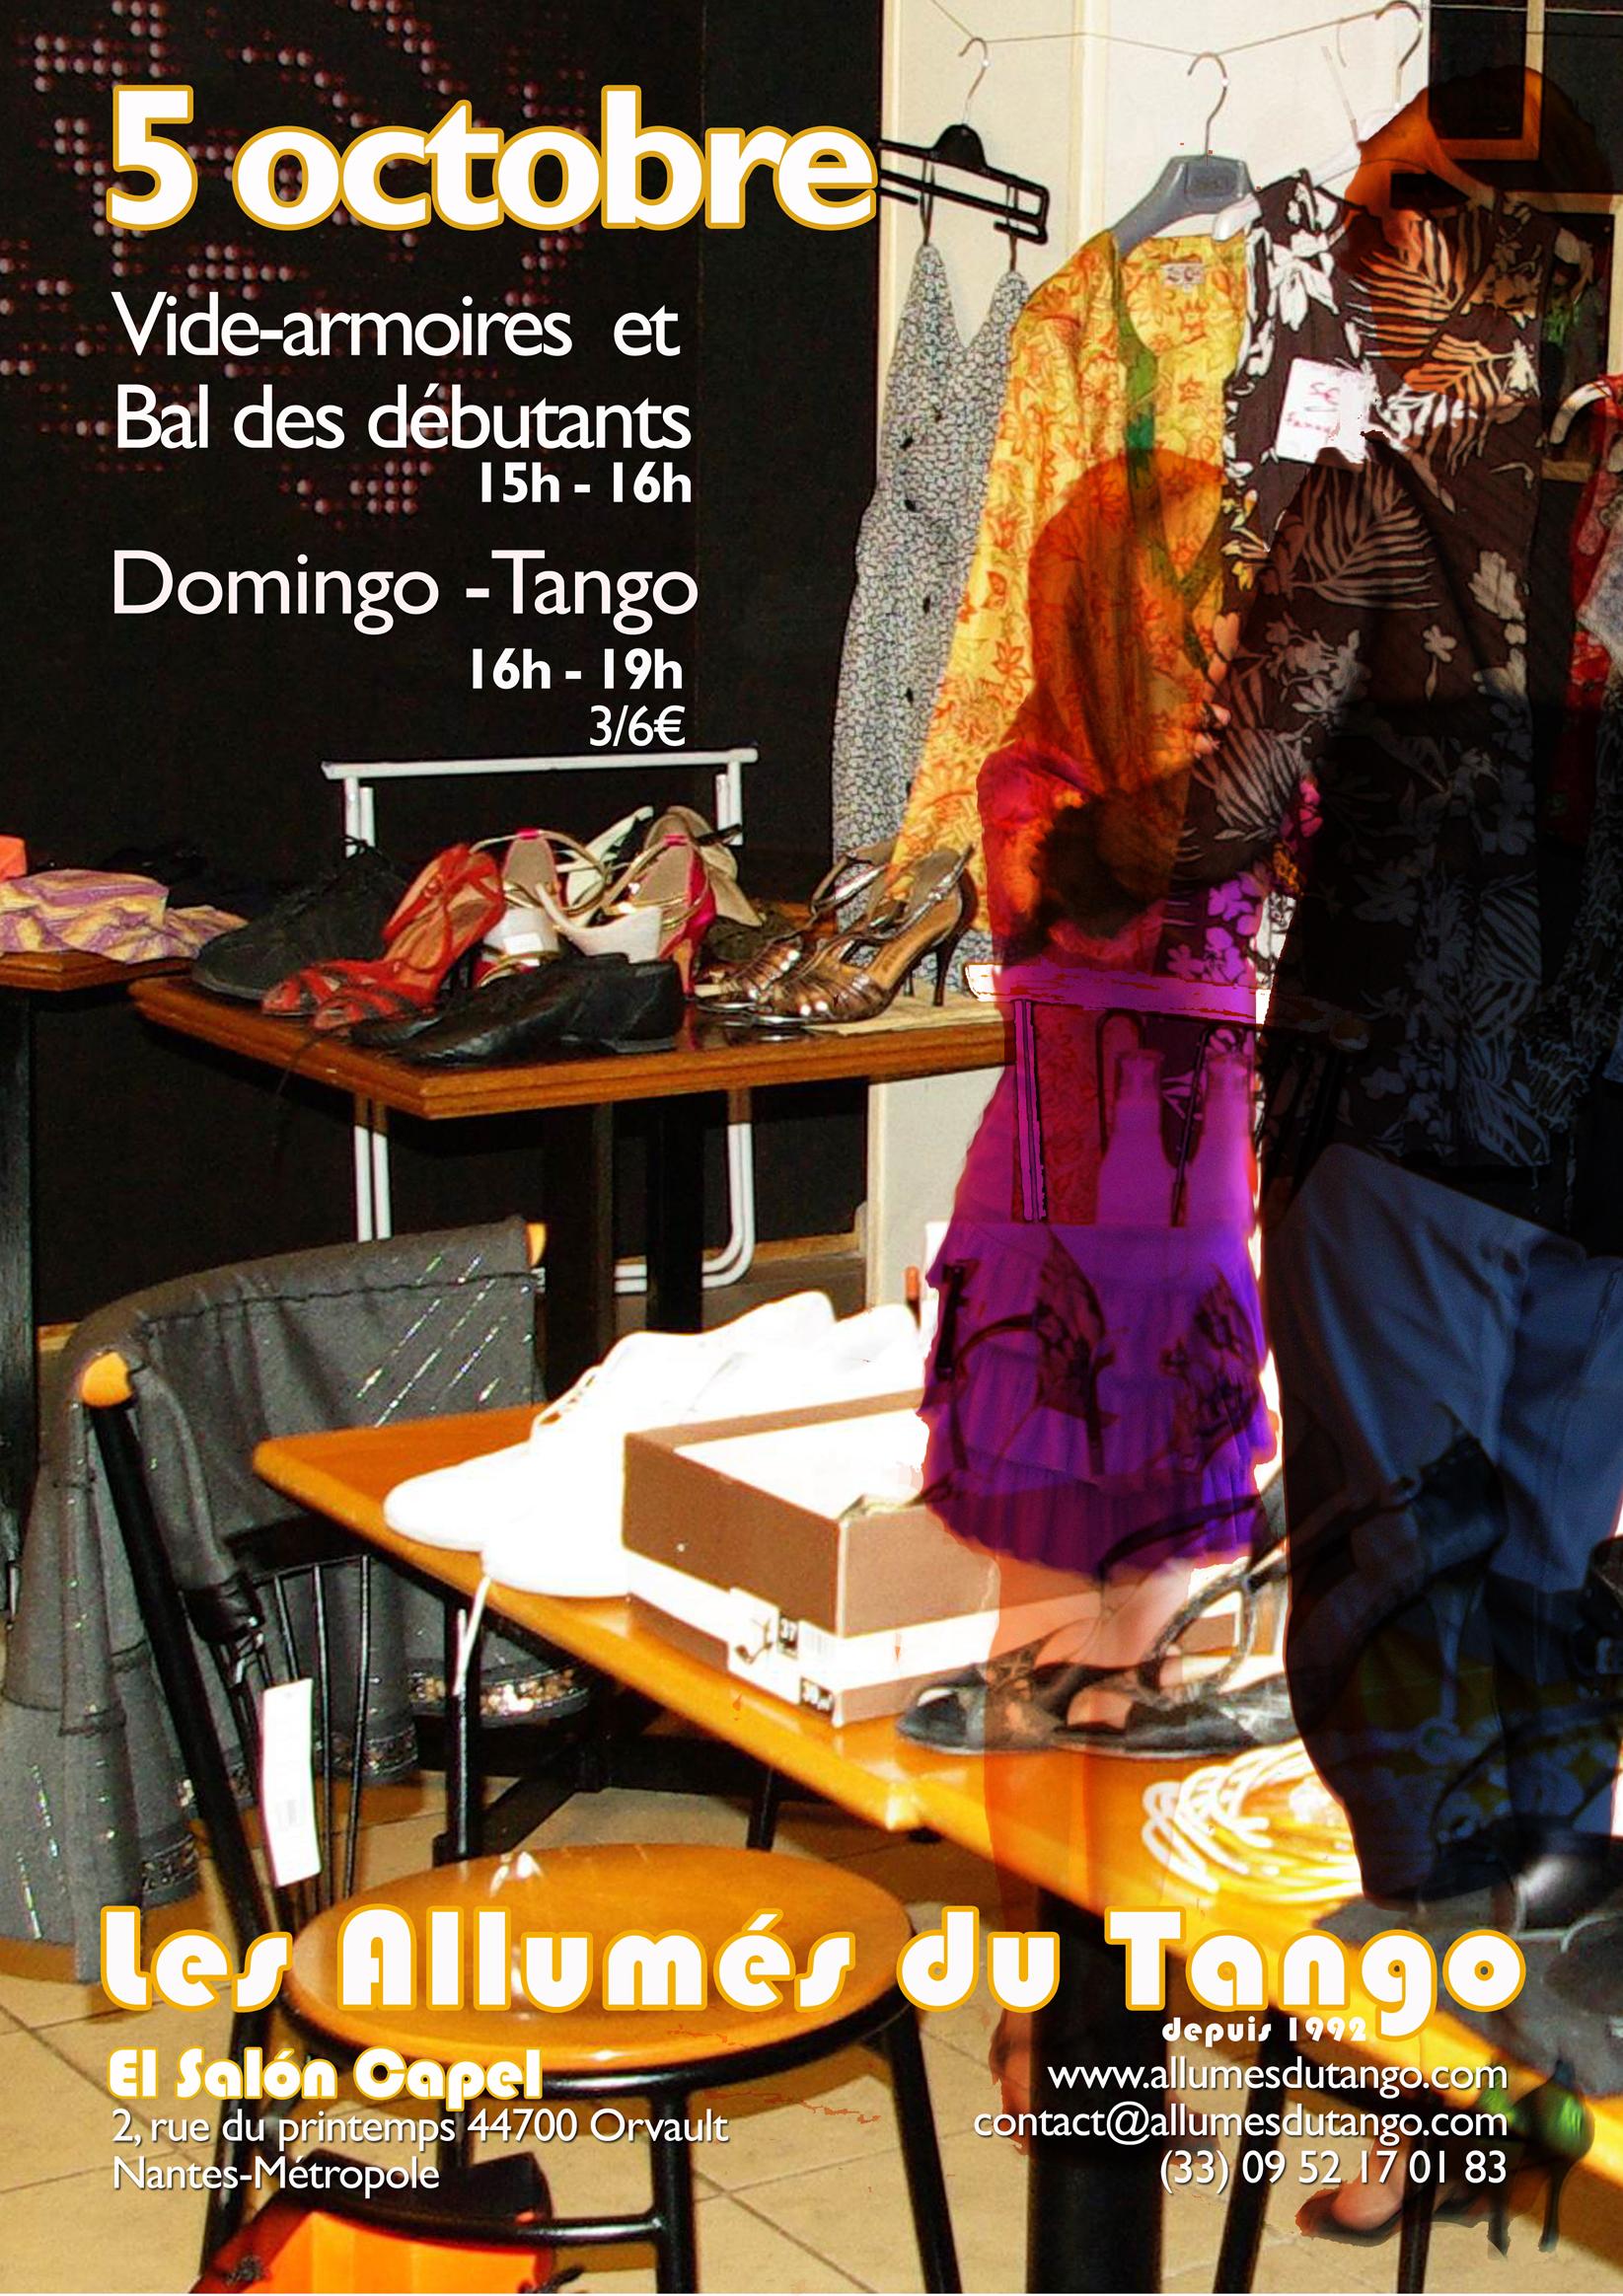 35 - domingo tango 51014